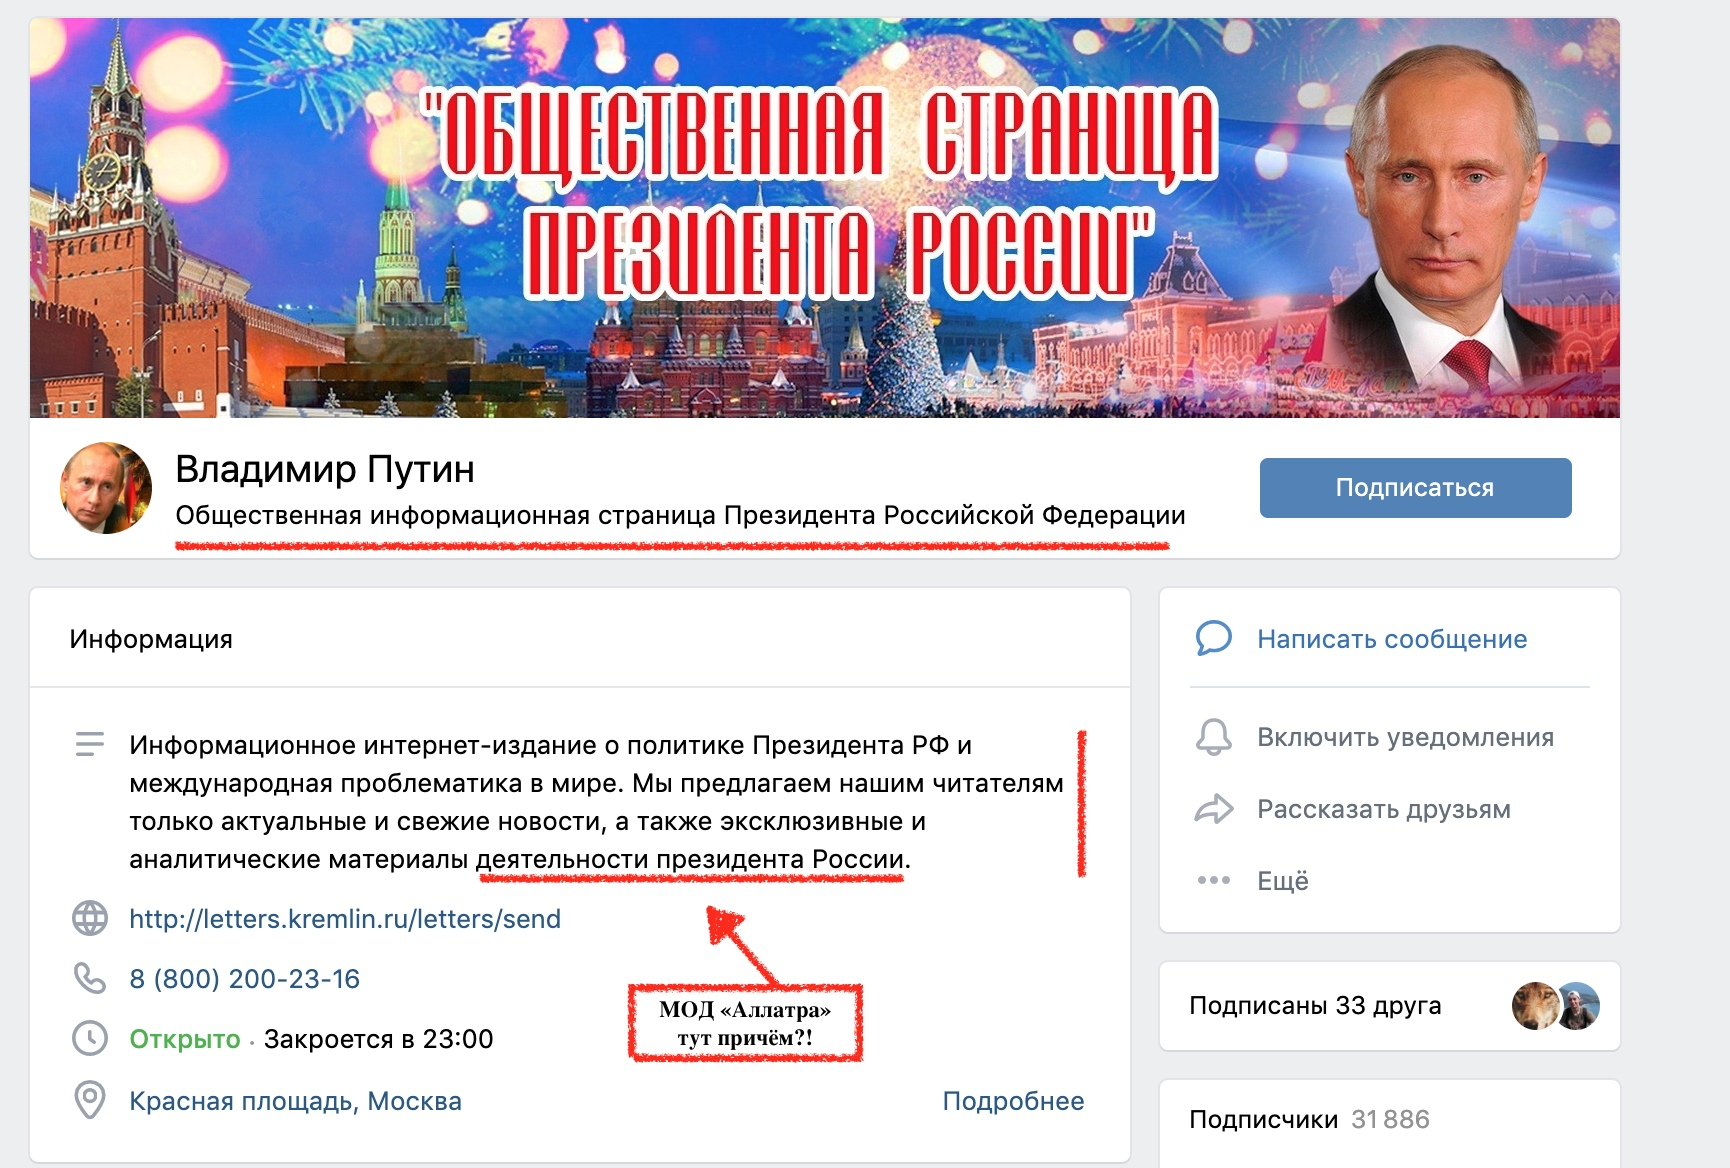 МОД «АллатРа». Часть 3. Миссия «Президент РФ» или инструмент манипуляции доверием, изображение №1